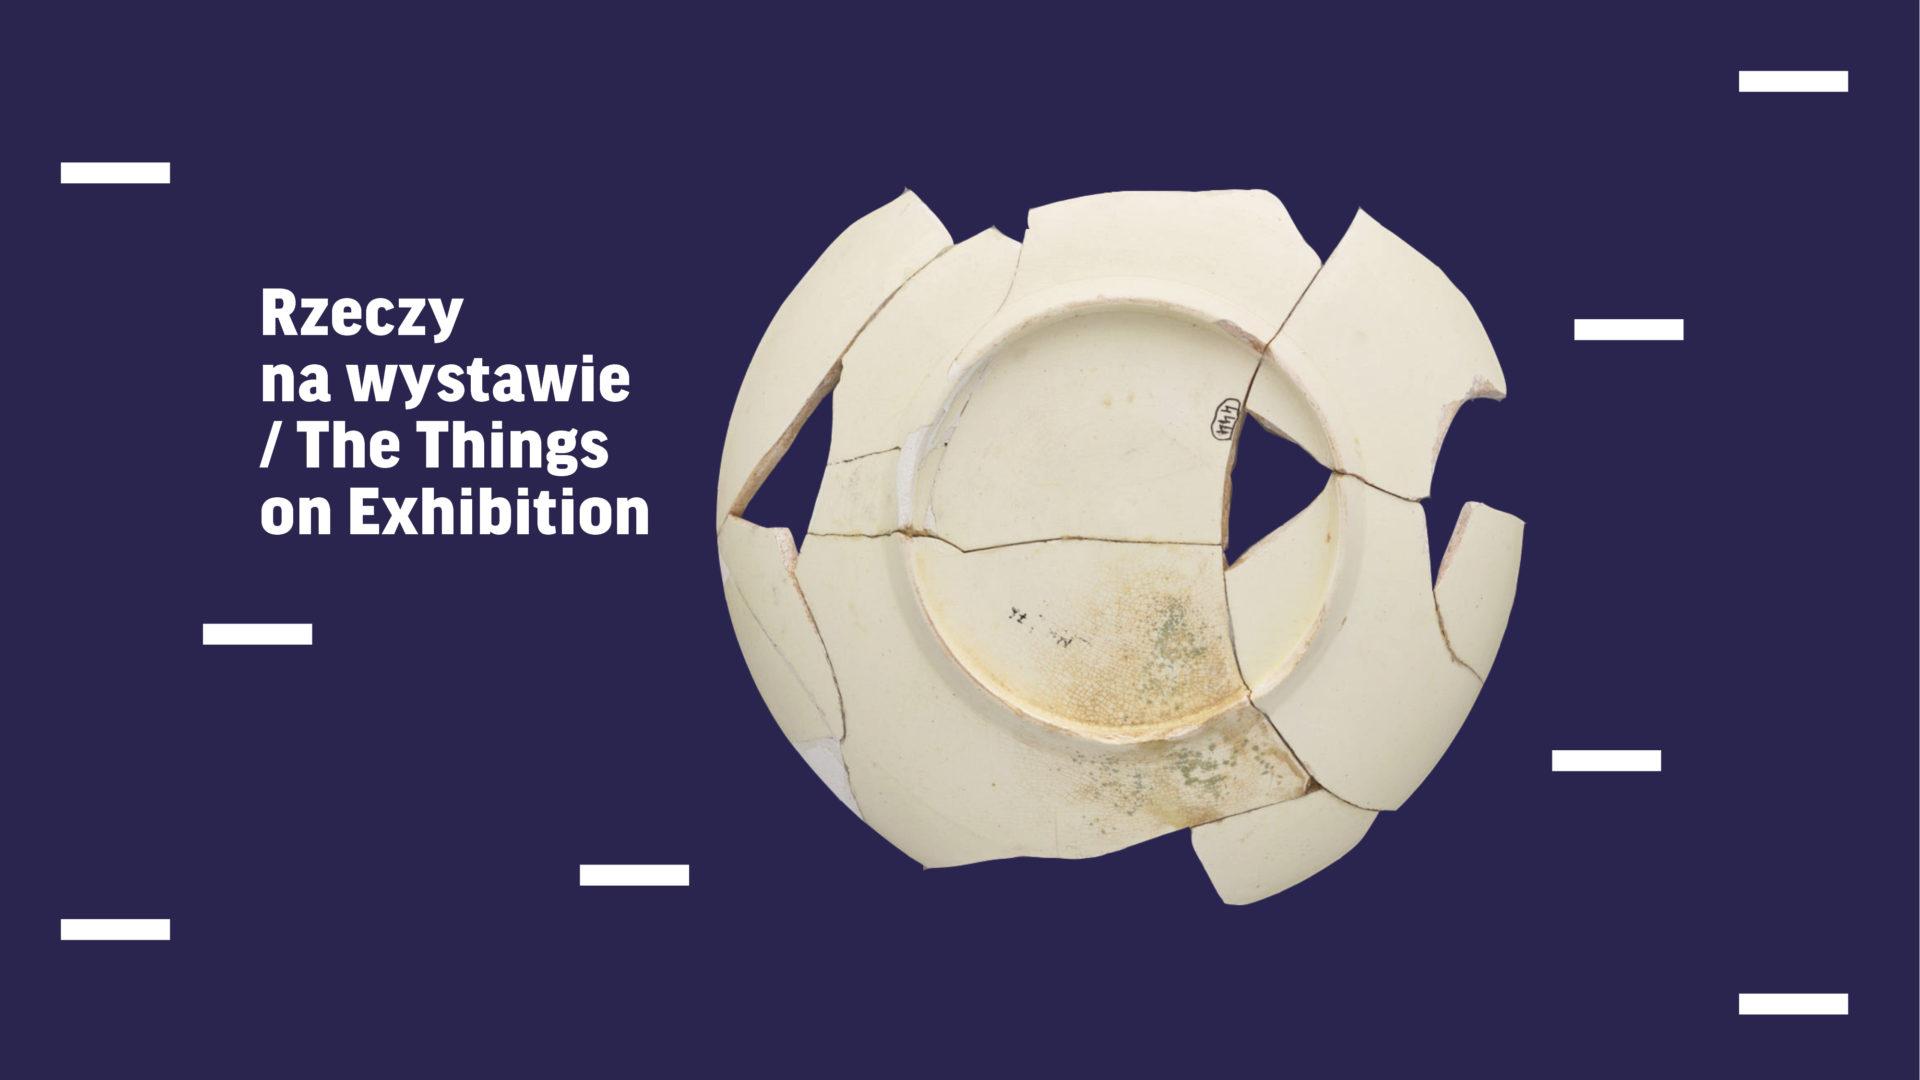 Rzeczy nawystawie. Program konferencji wMuzeum Warszawy 18-19 czerwca